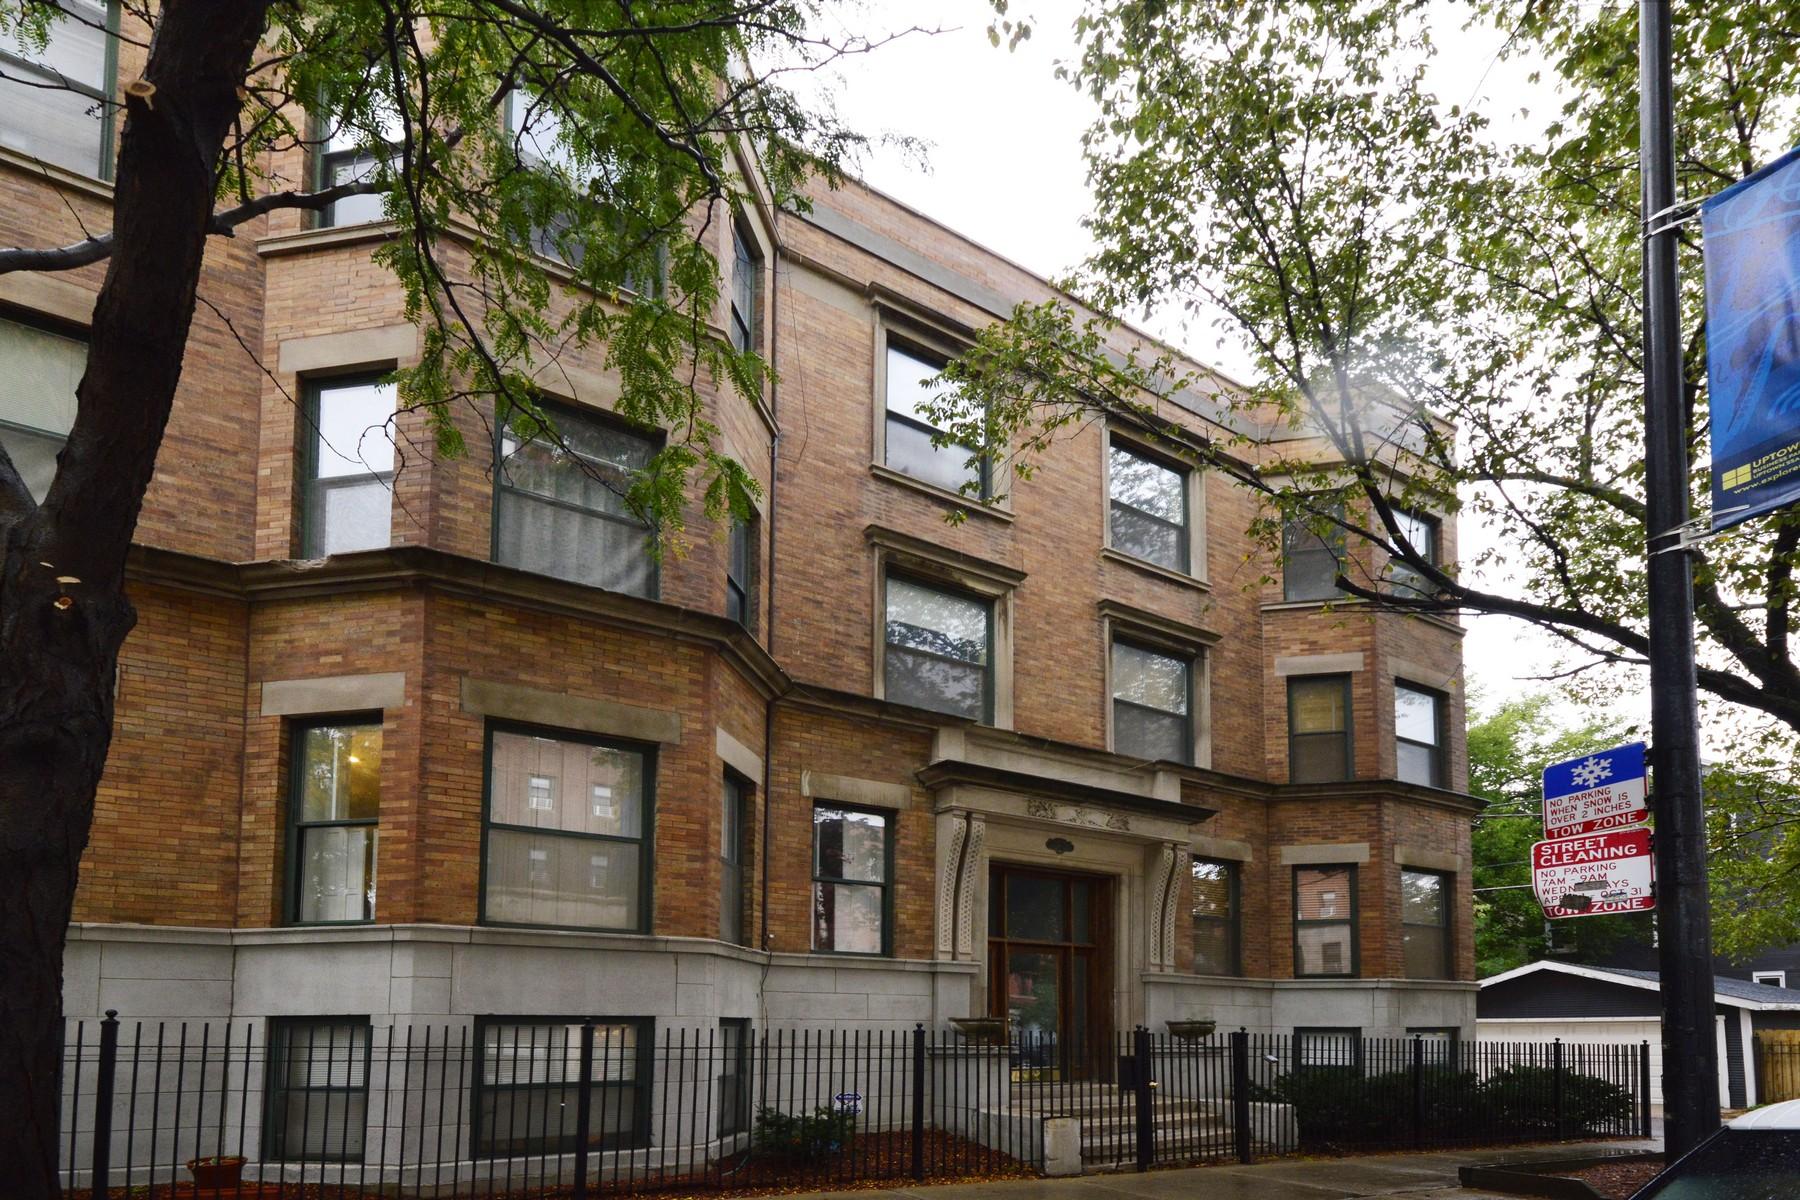 Casa Unifamiliar por un Venta en Large Renovated Vintage Condo 1318 W Wilson Avenue Unit 1A Uptown, Chicago, Illinois, 60640 Estados Unidos